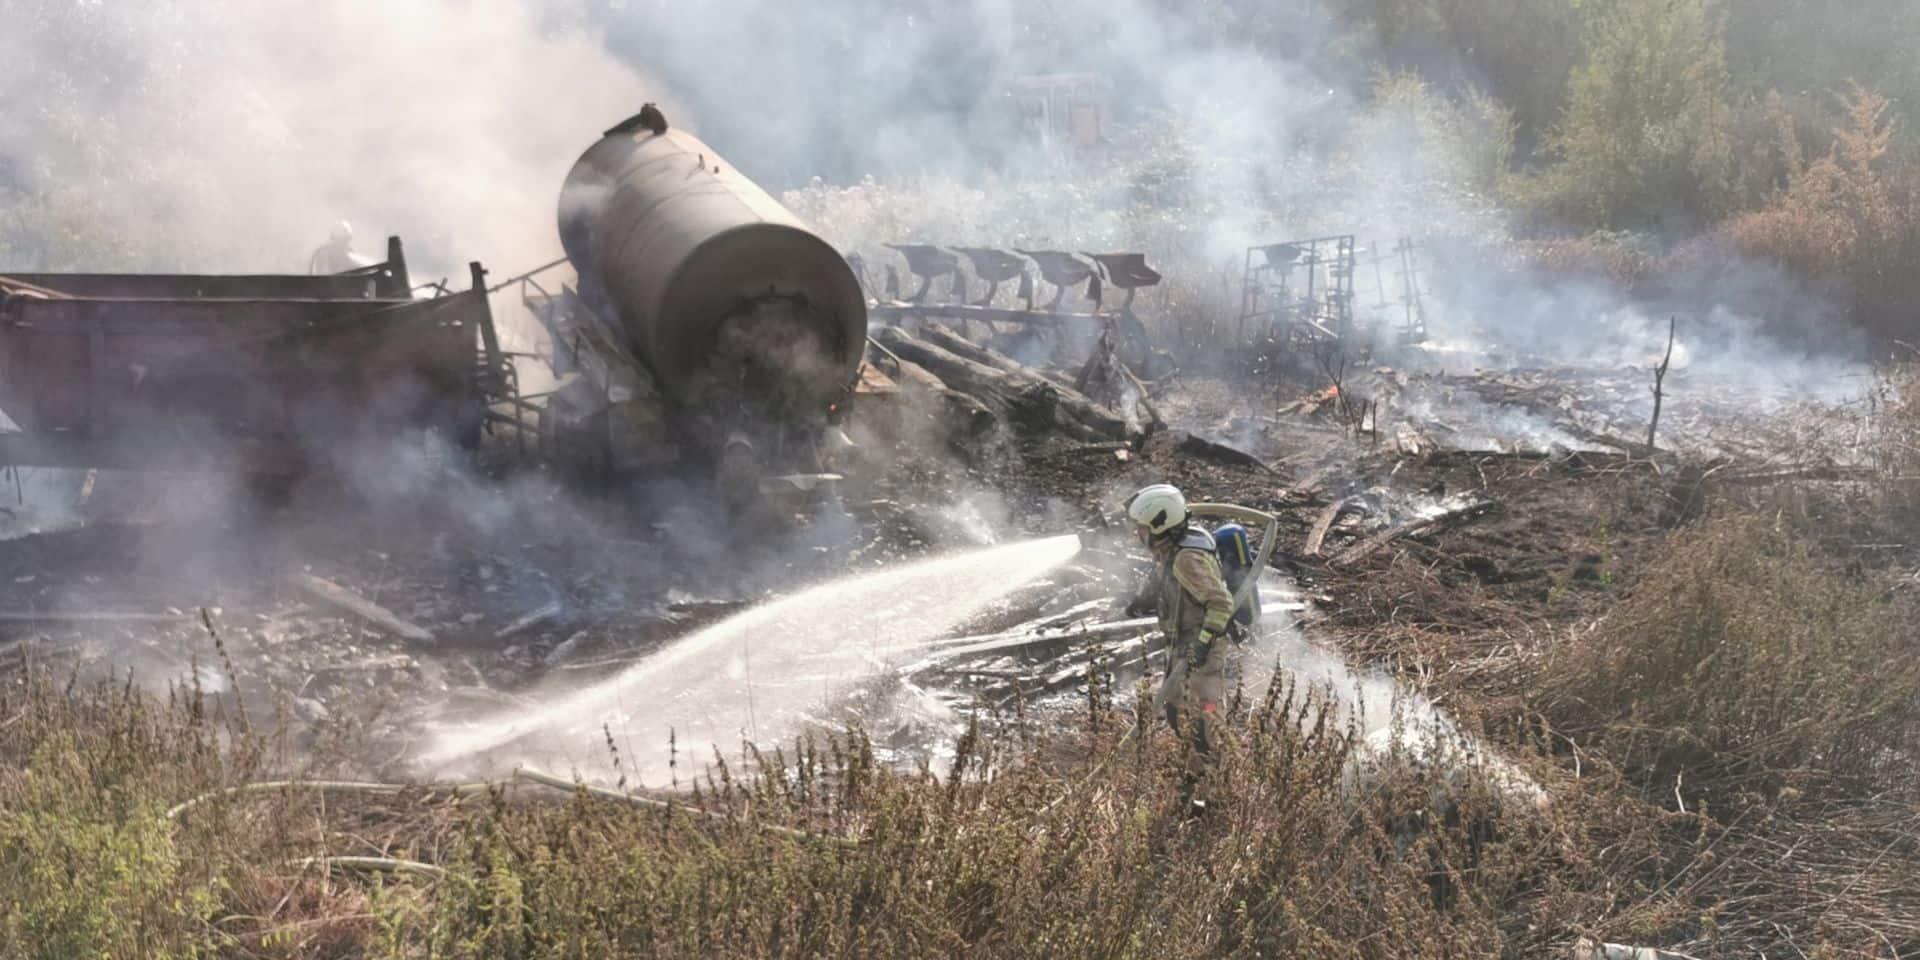 Important incendie dans un champ à Viesville: plusieurs machines agricoles ont brûlé